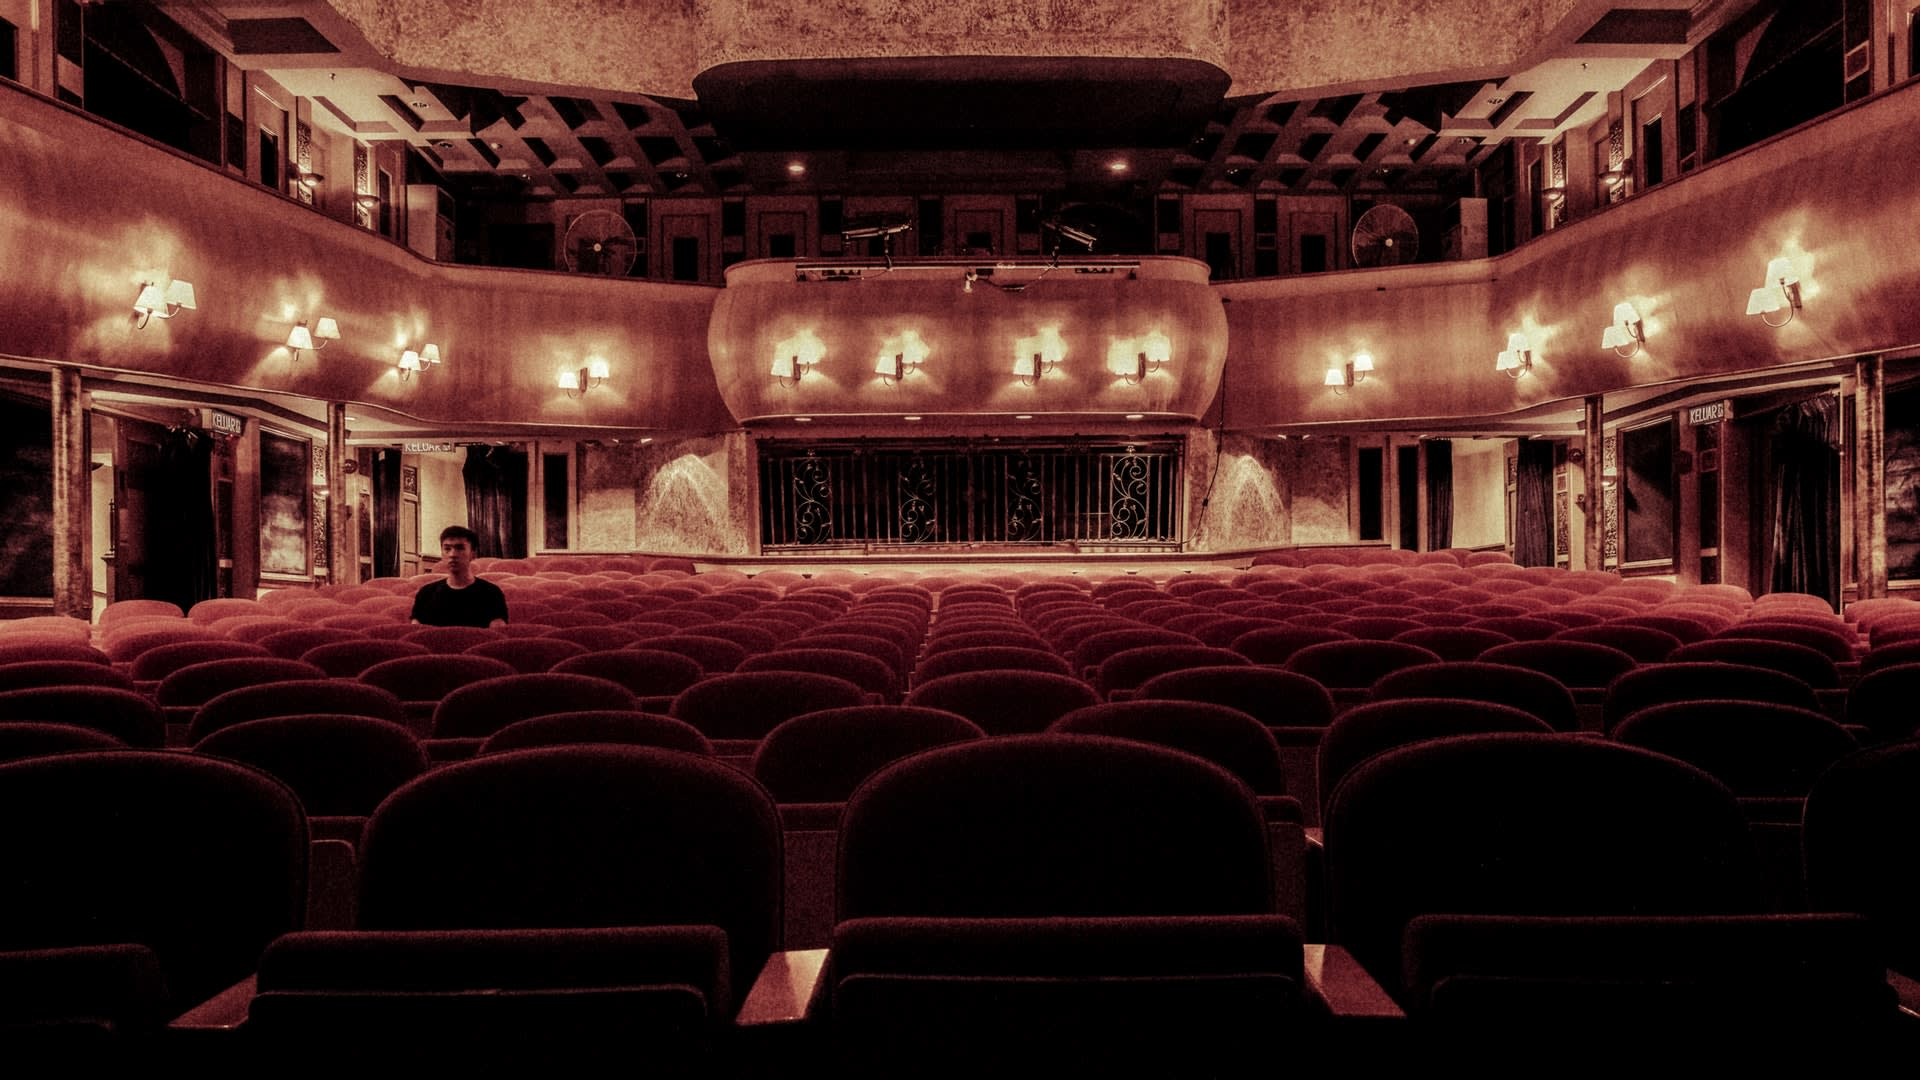 Cagliari: audizioni per nuovo spettacolo teatrale